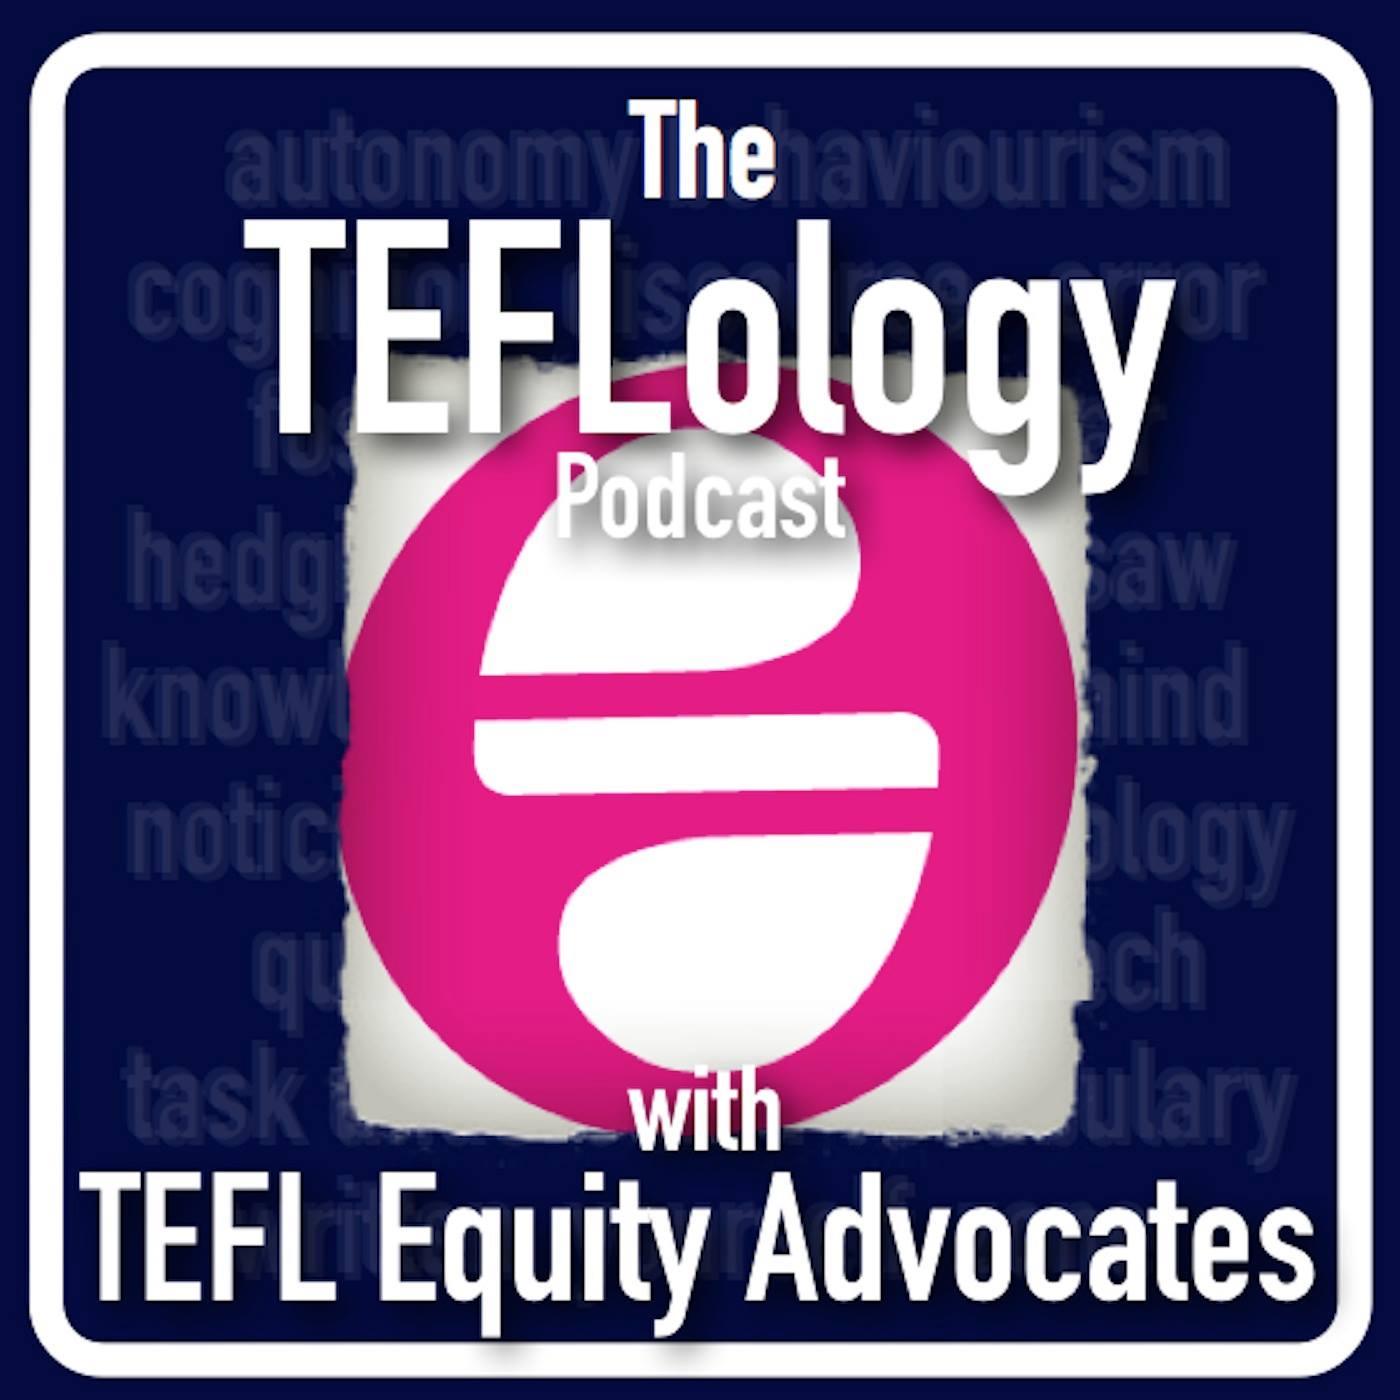 Episode 36: TEFL Equity with Marek Kiczkowiak